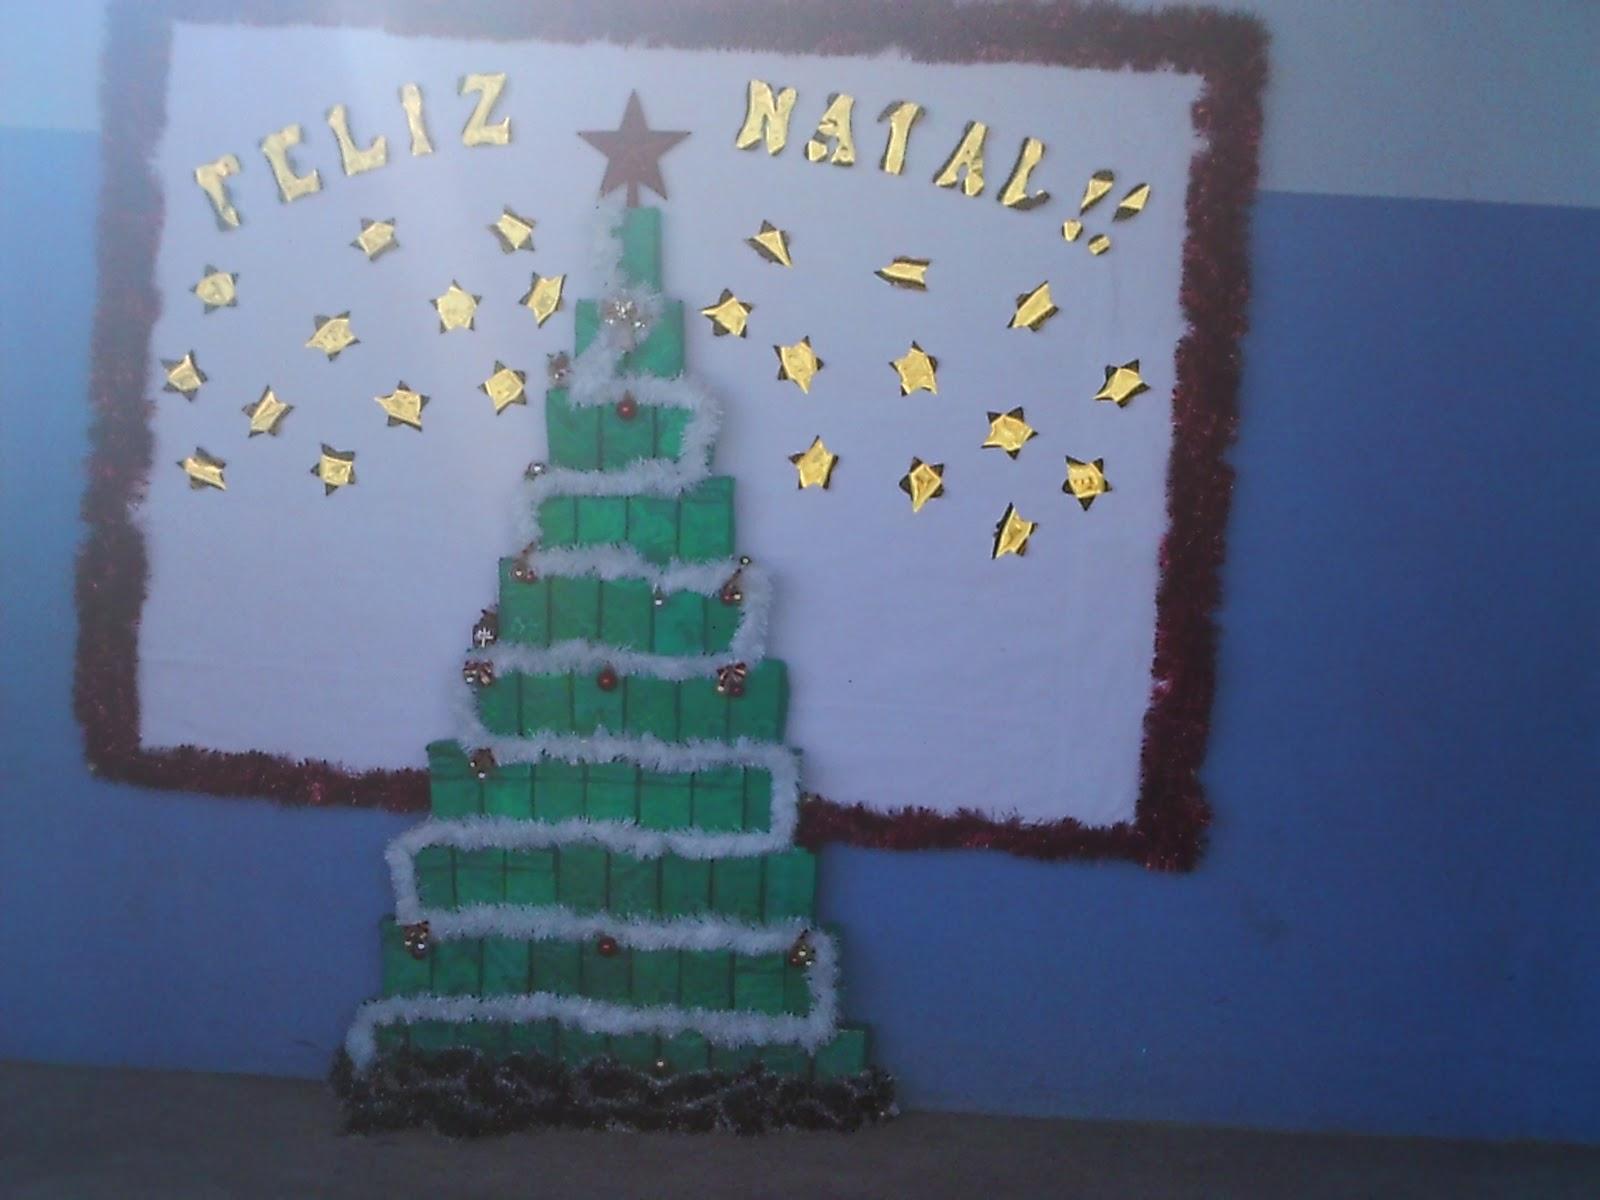 Educa o infantil atividades e experi ncias em sala de for Mural de natal 4 ano